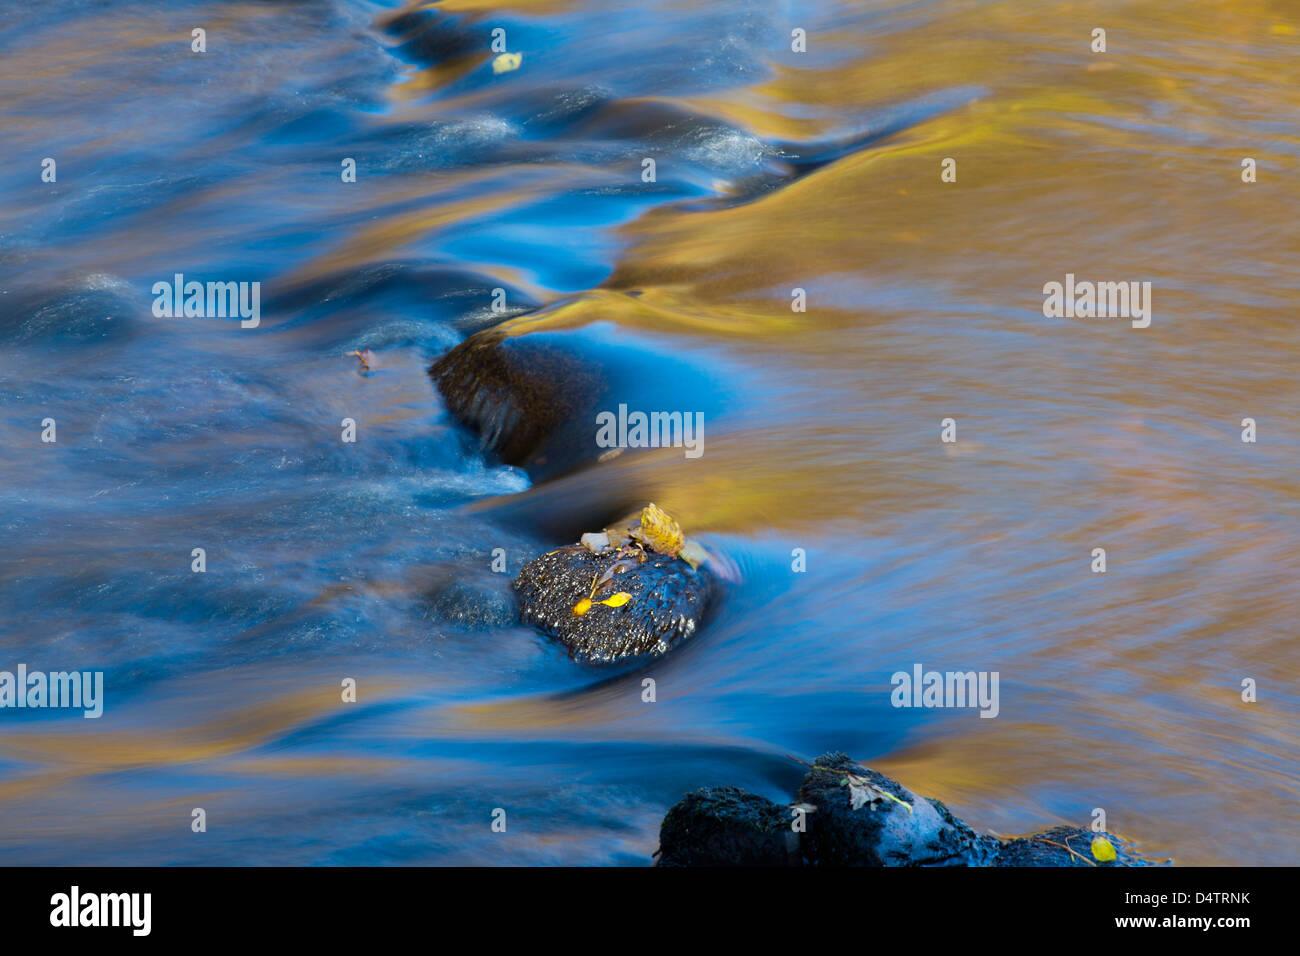 Les tendances de l'automne sur la surface d'un ruisseau, dans le comté de Mayo, Irlande. Photo Stock